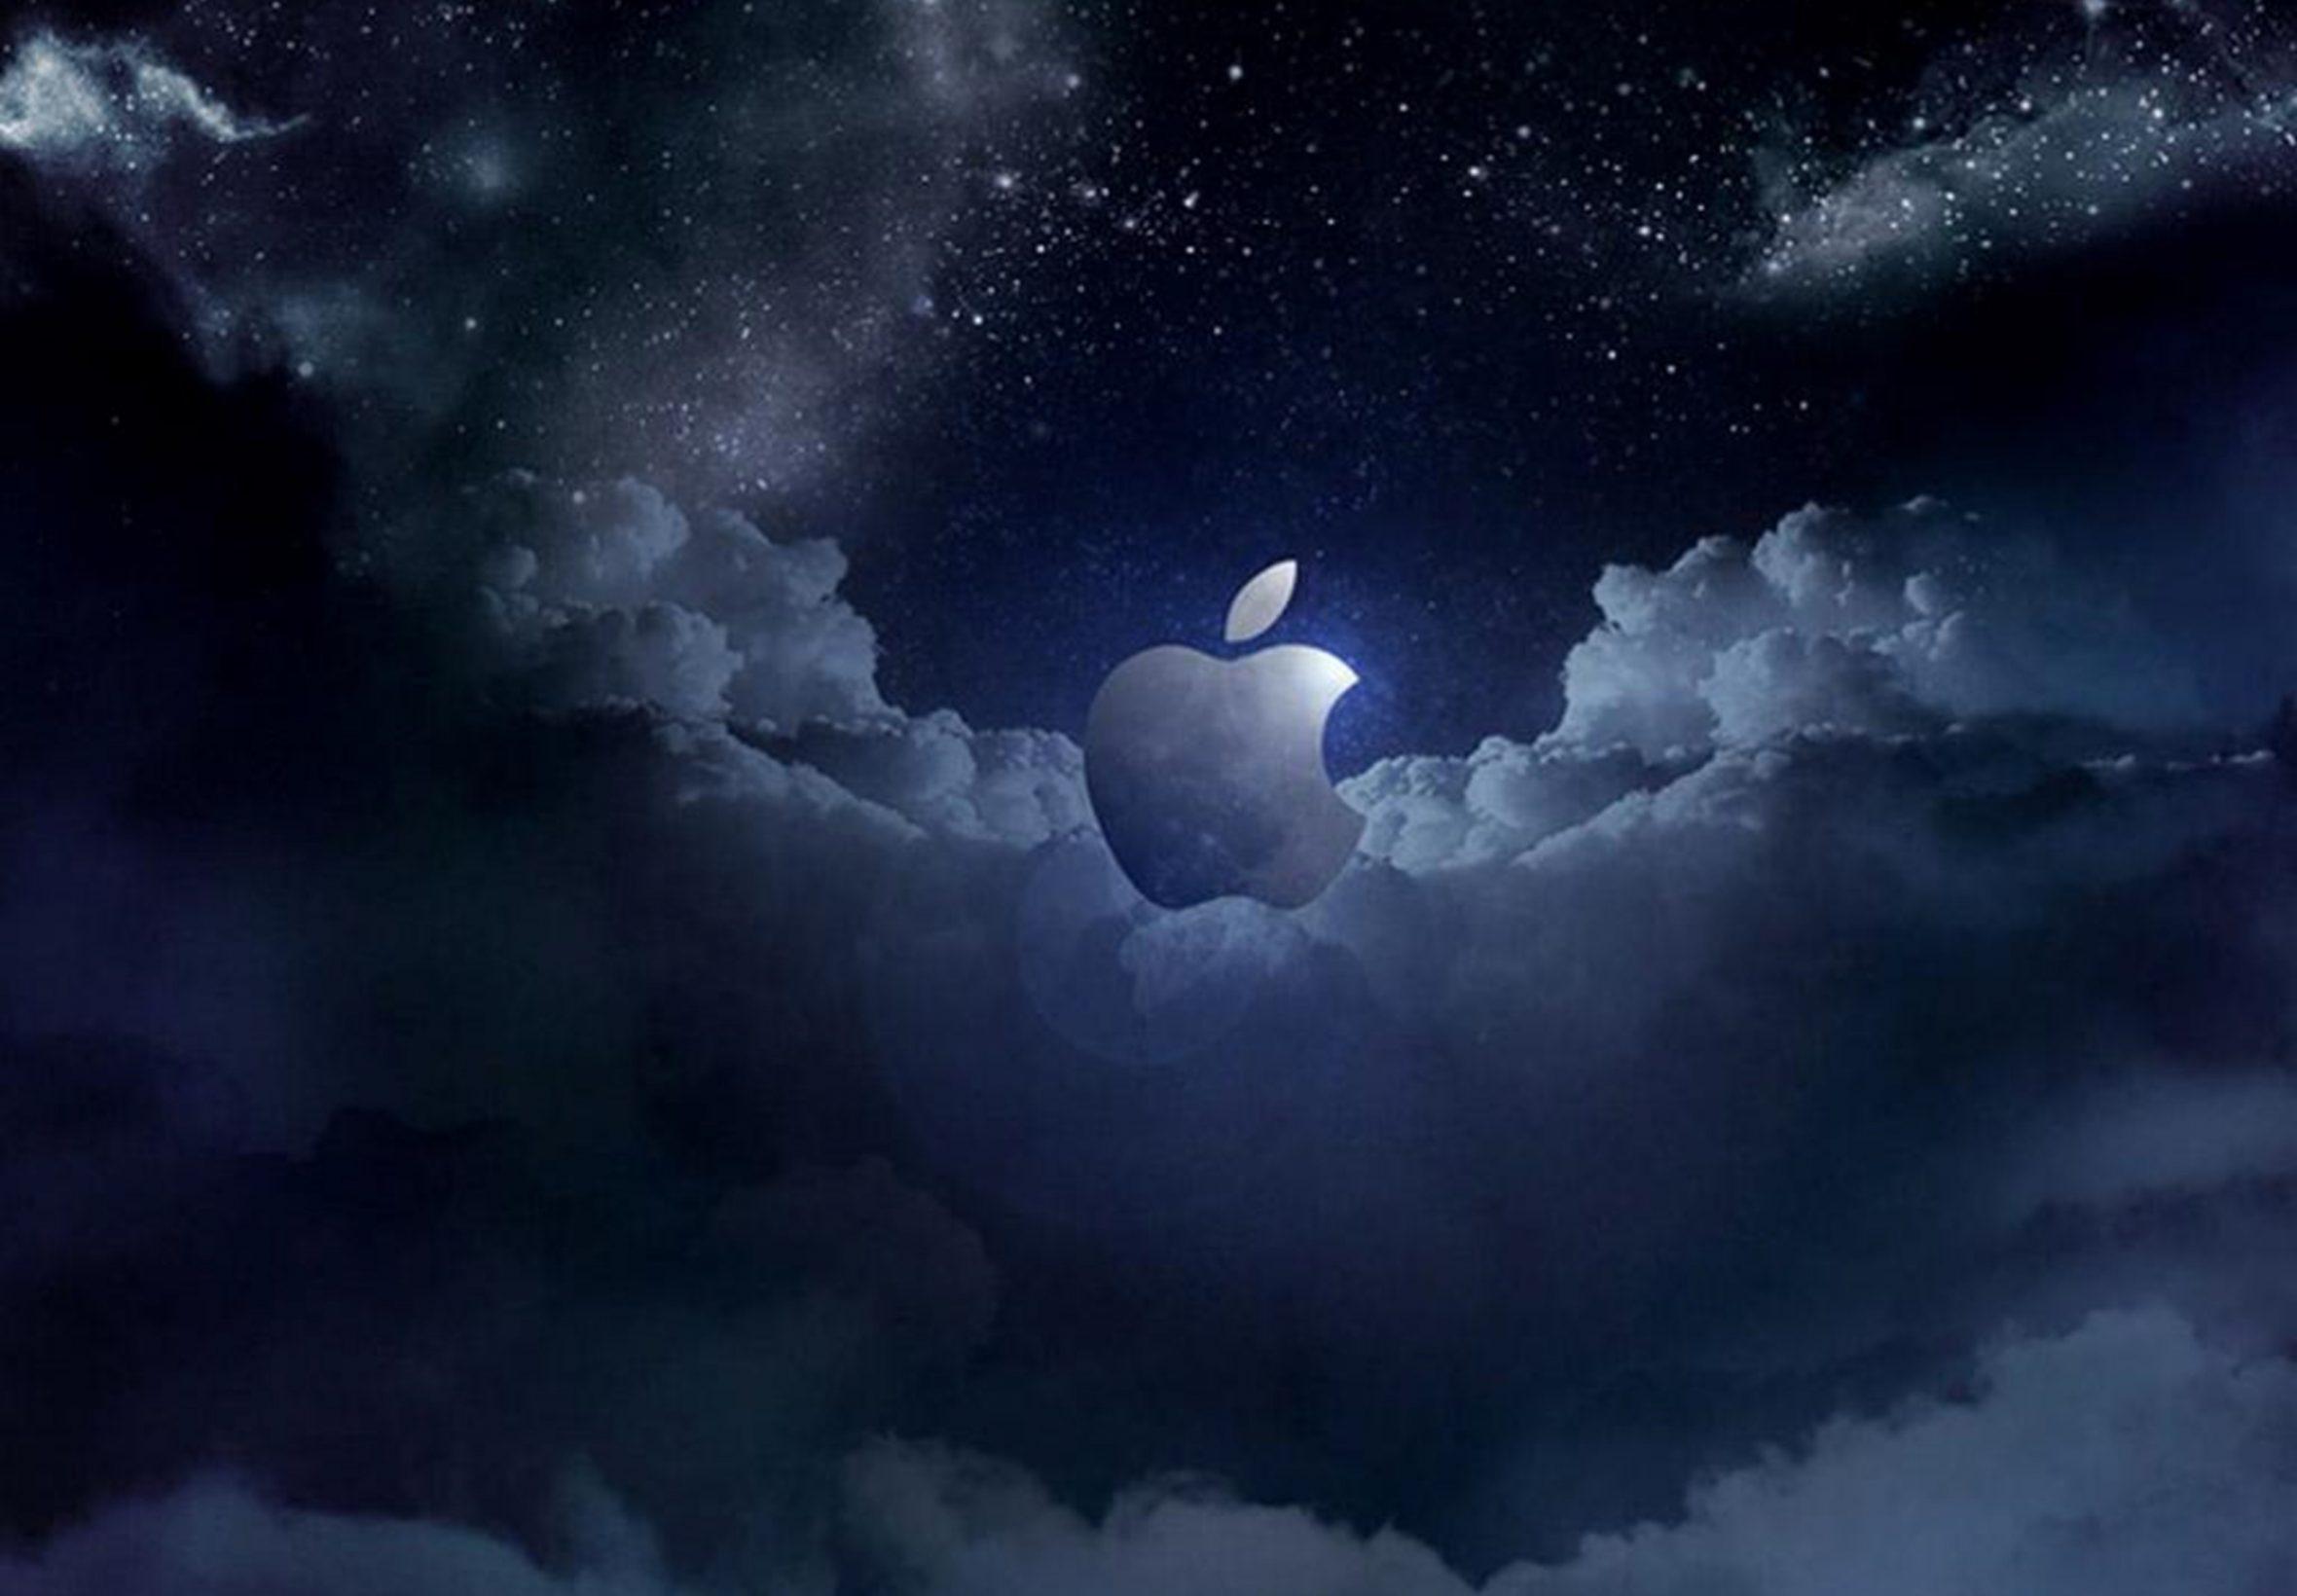 2360x1640 iPad Air wallpaper 4k Apple Cloud at Night Ipad Wallpaper 2360x1640 pixels resolution